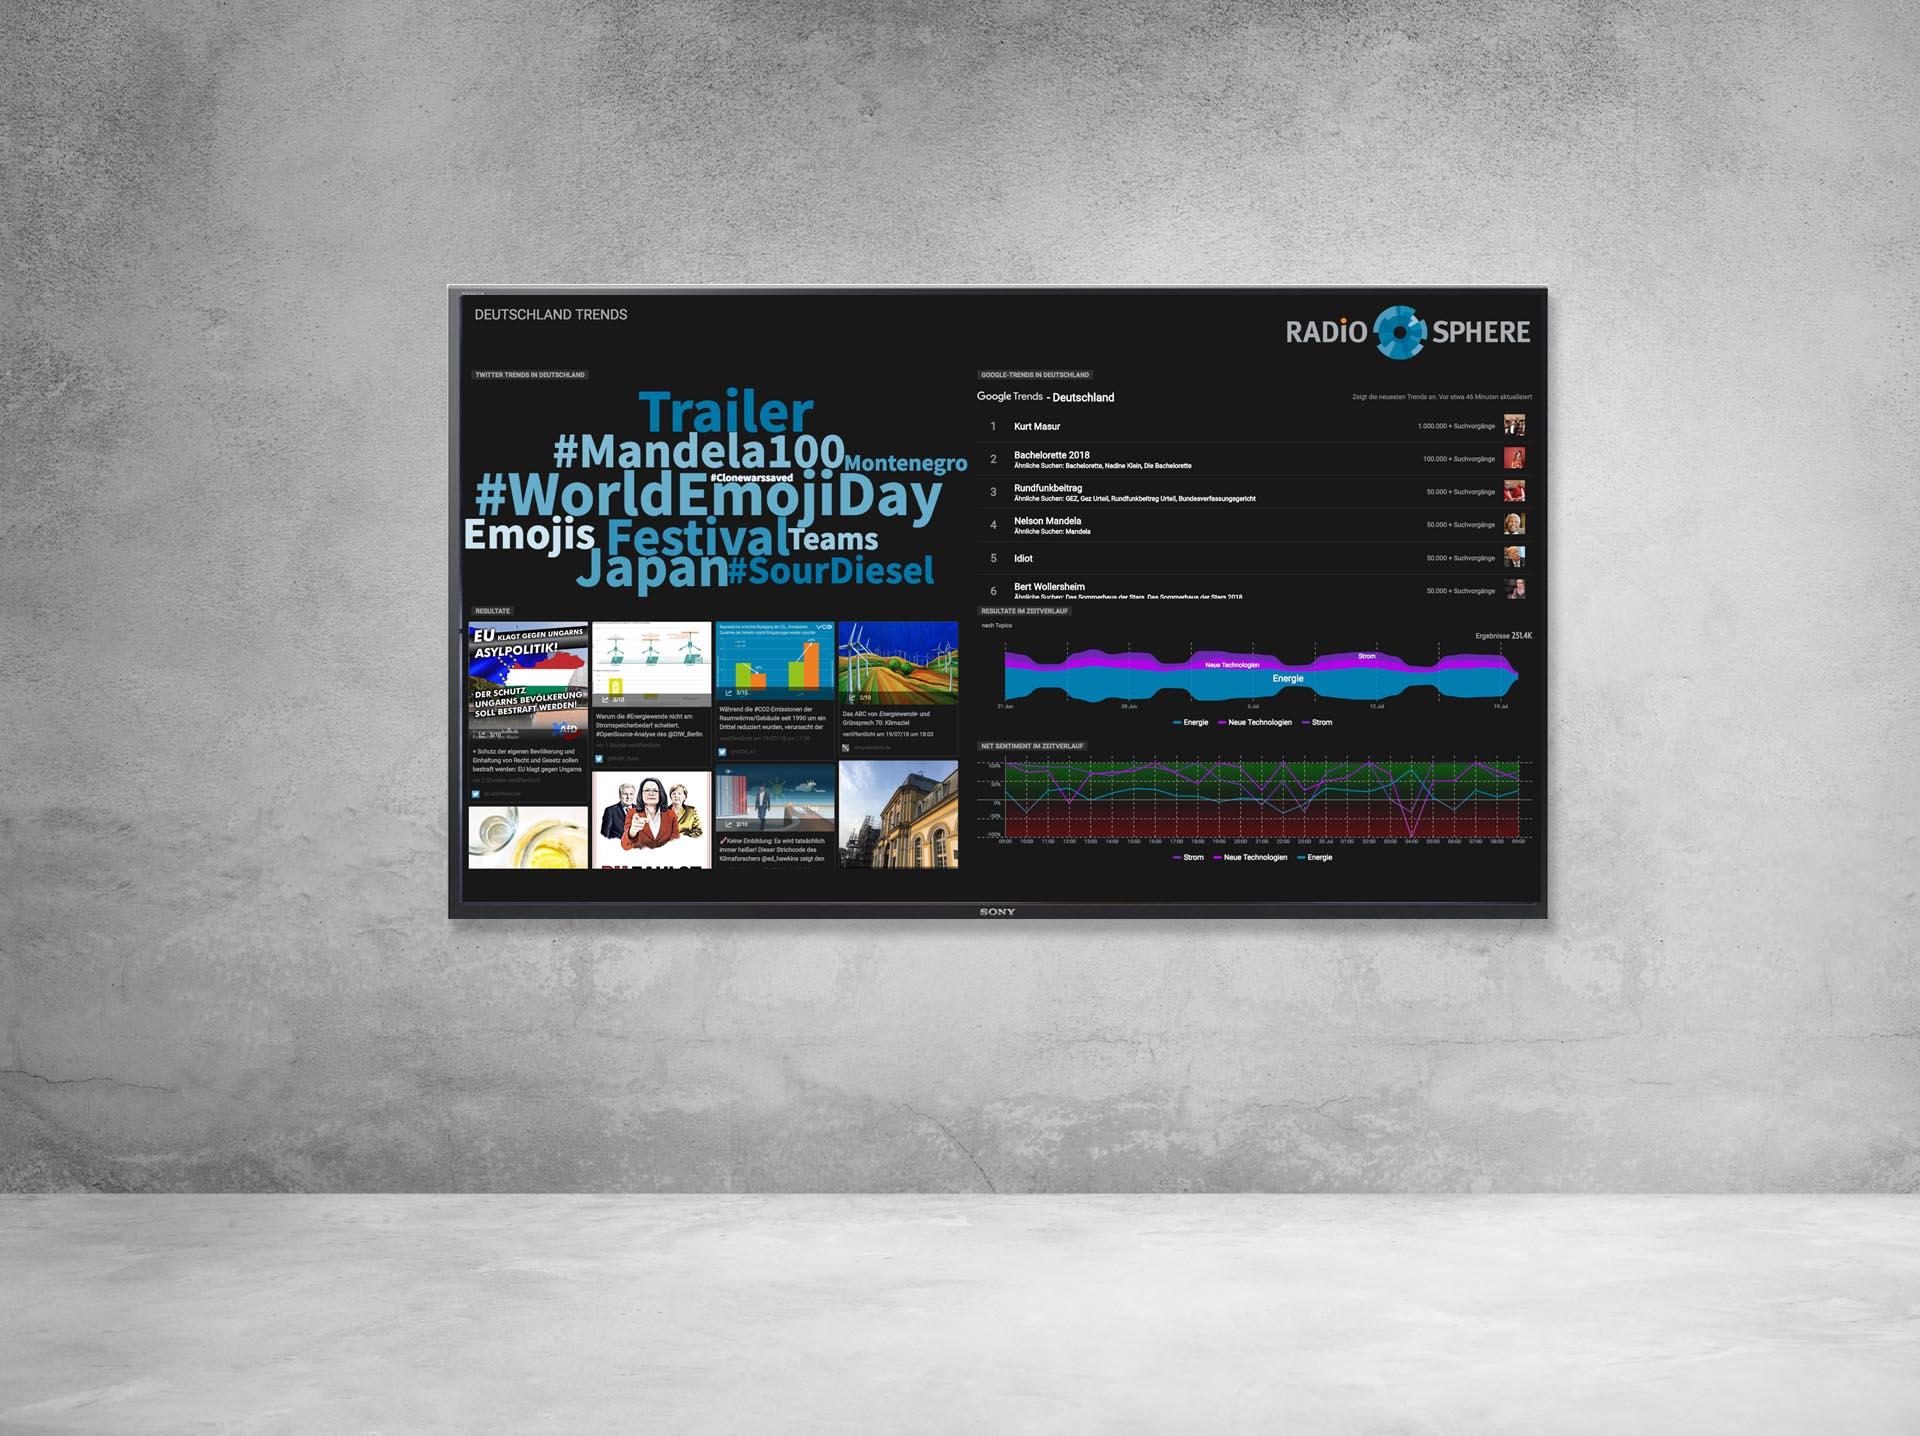 Radiosphere Realtime Dashboard zu Google und Twitter Trends in Deutschland